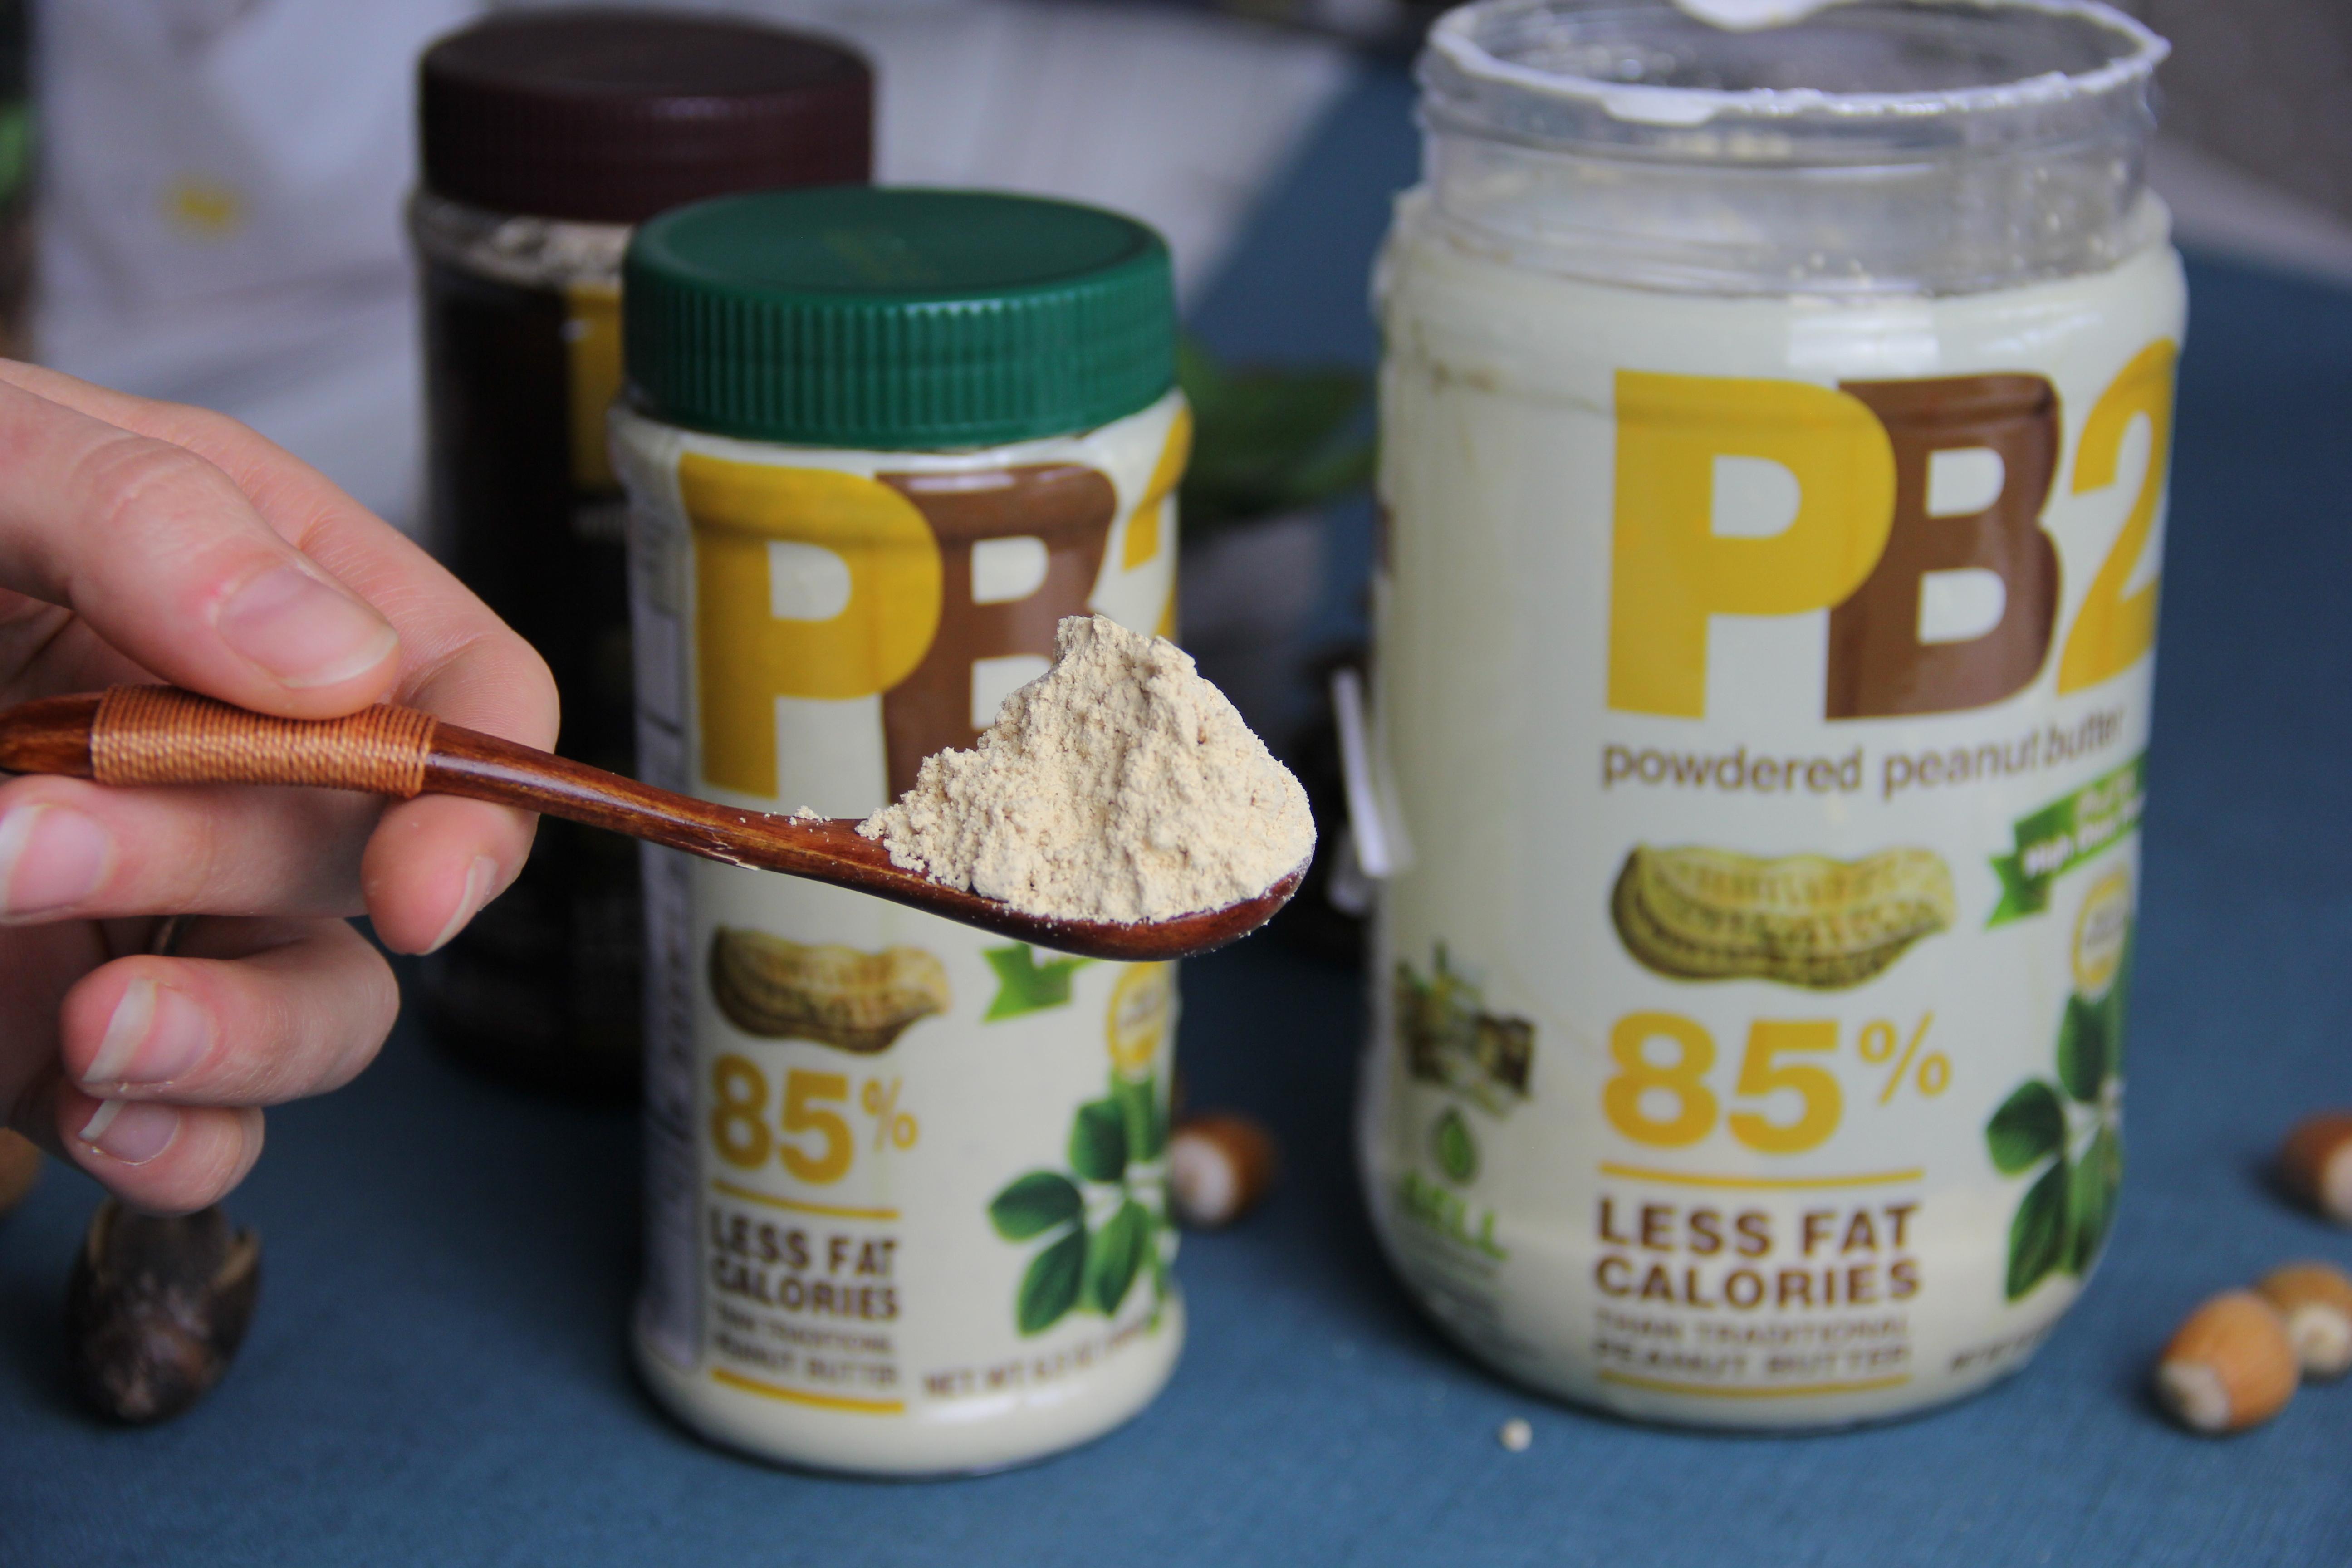 Beurre de cacahuètes PB2 details